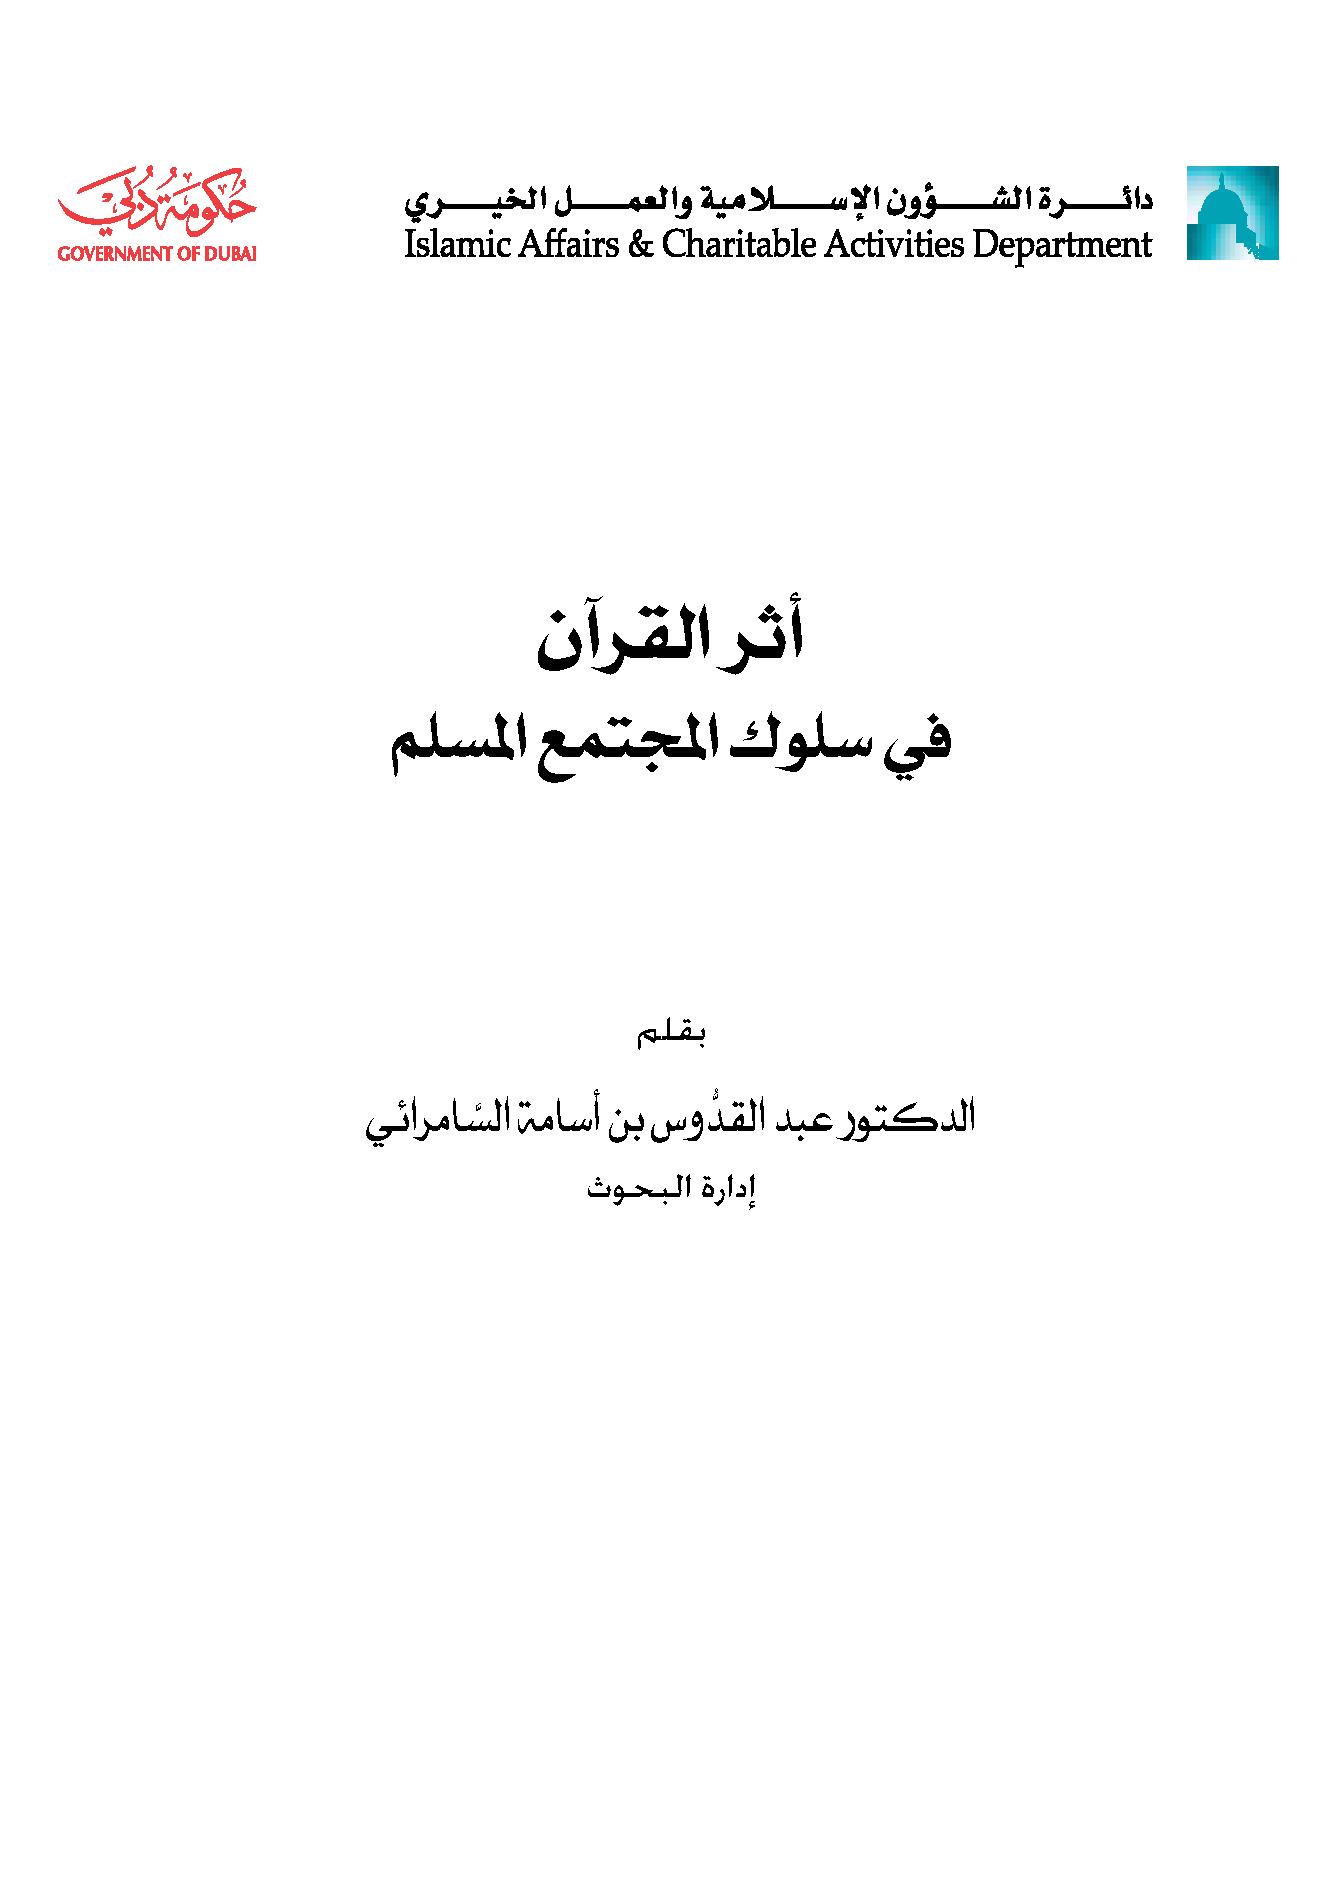 أثر القرآن في سلوك المجتمع المسلم - عبد القدوس بن أسامة السامرائي